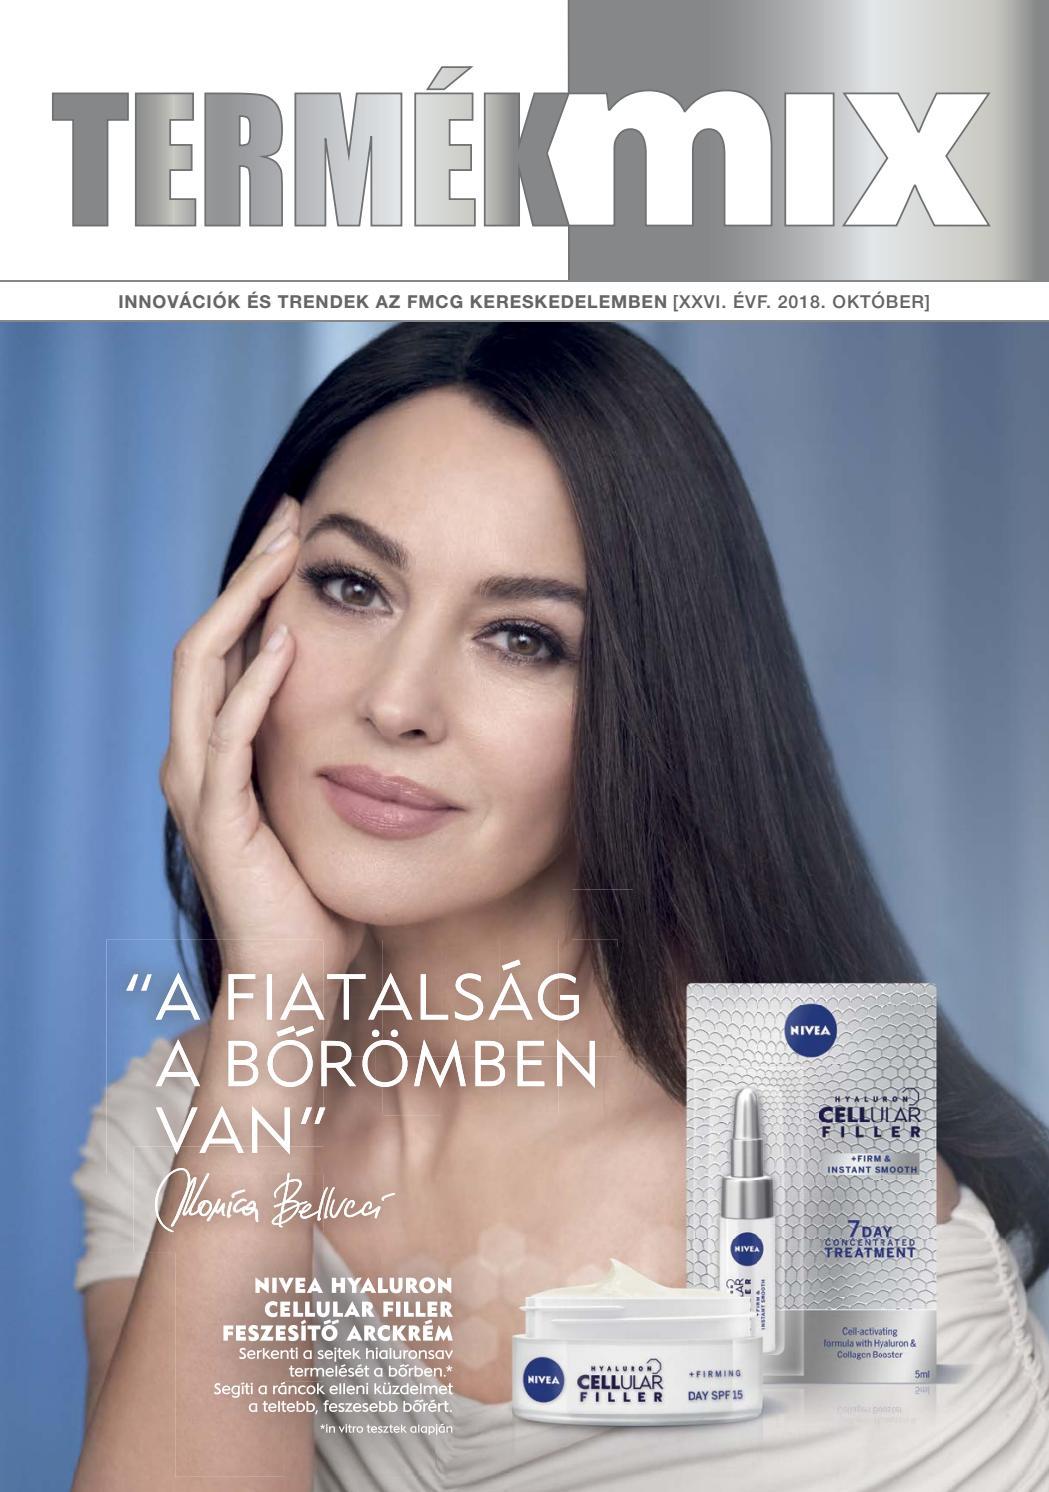 c02b919a30 Termékmix magazin 2018 október by Termékmix - issuu